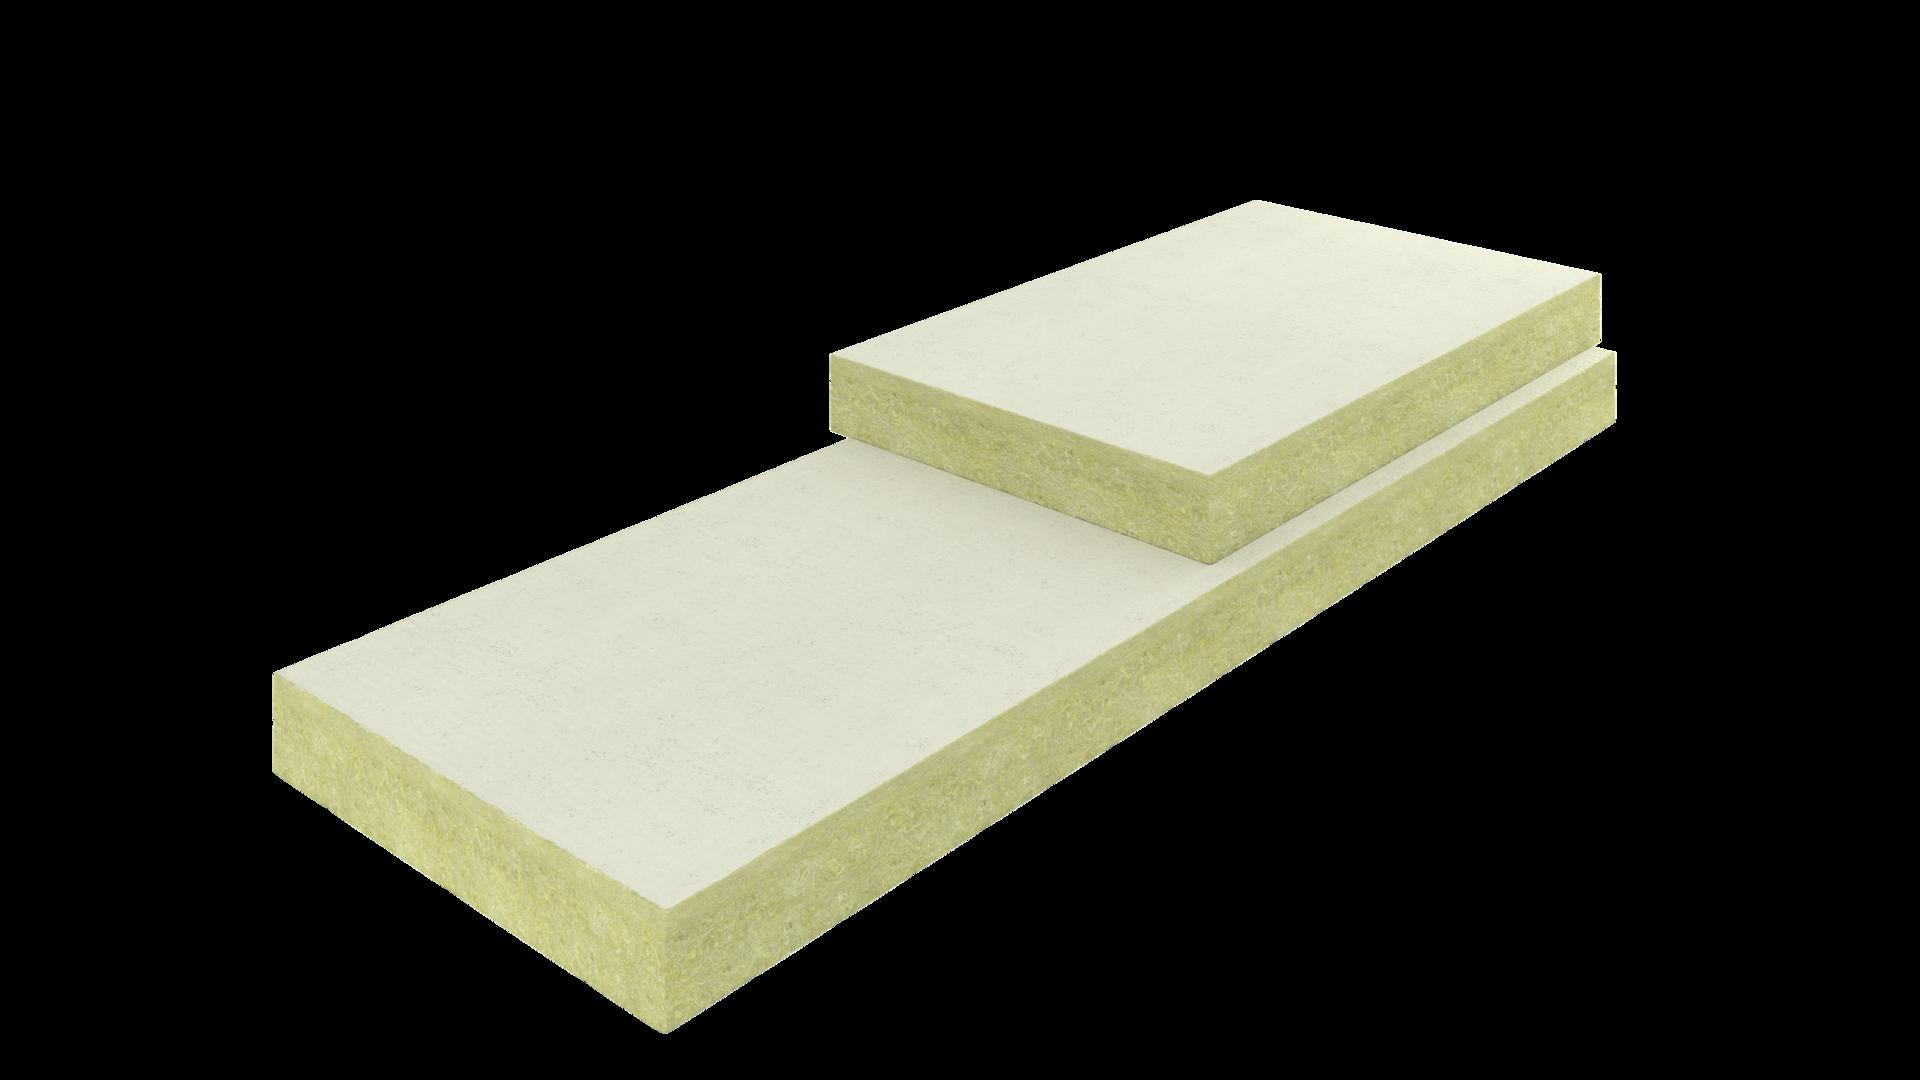 Dakisolatie voor het plat dak met dakisolatieplaten rockwool